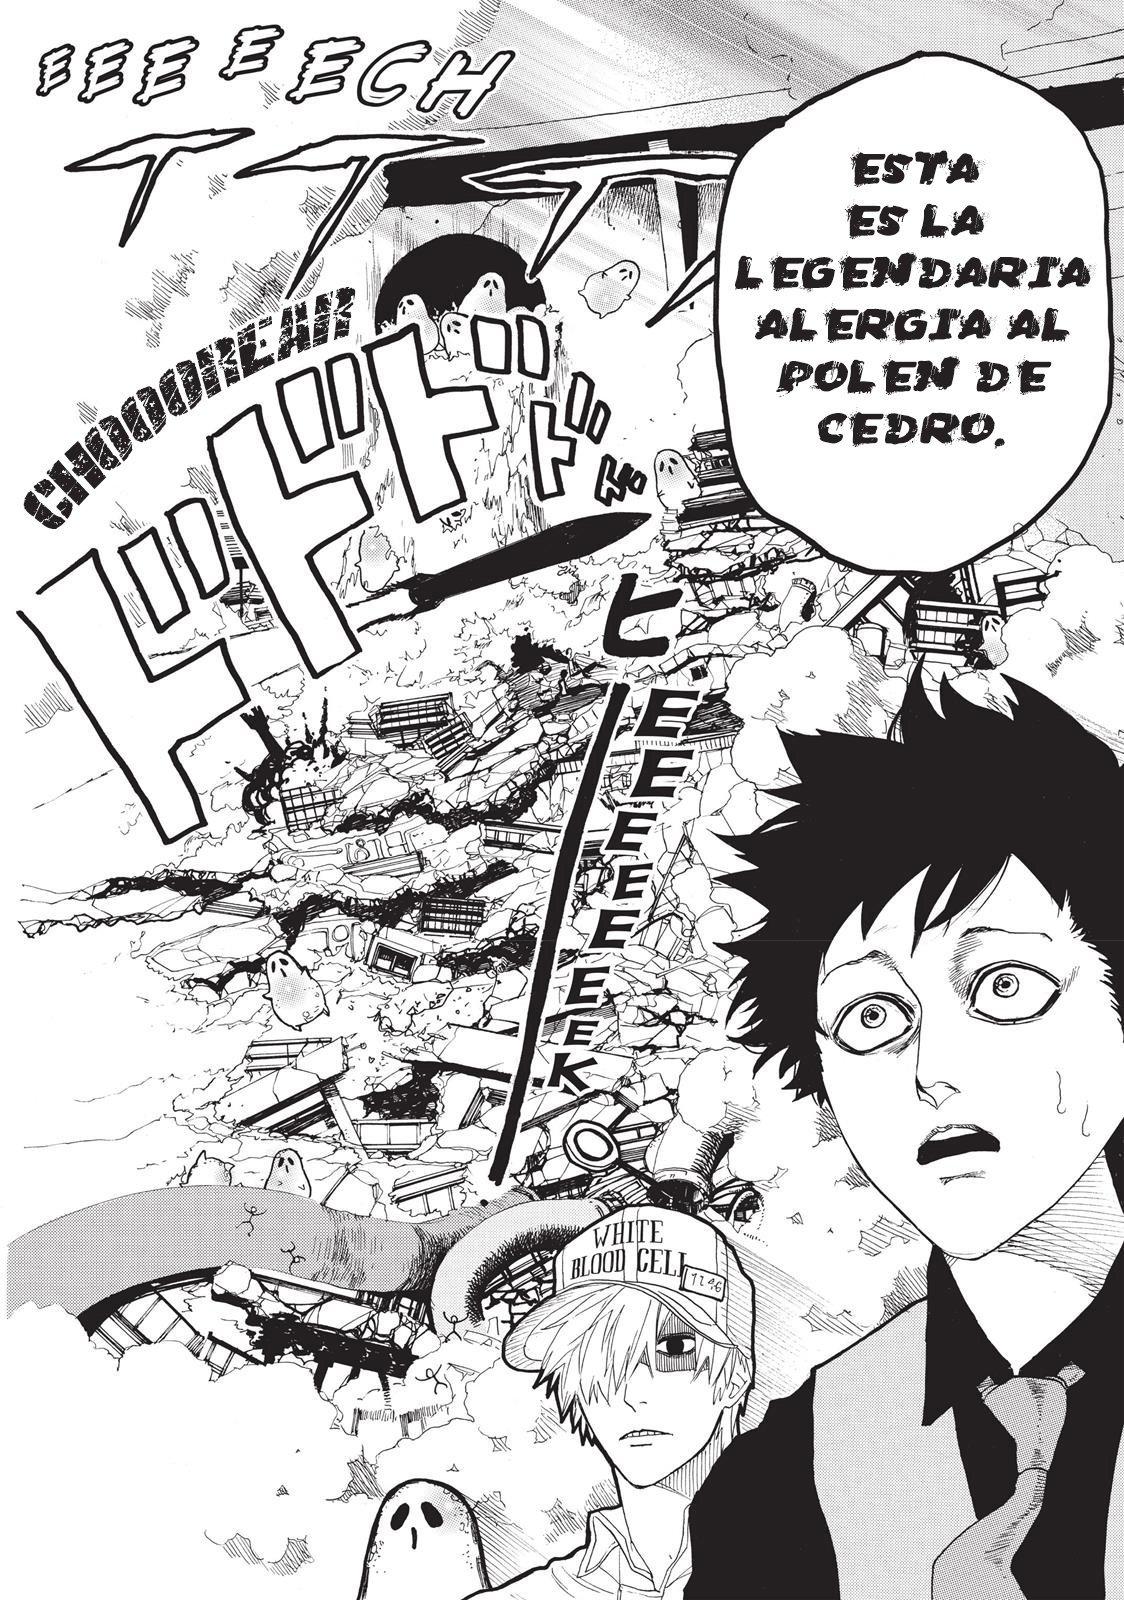 Manga hataraku saibou 2 sub español